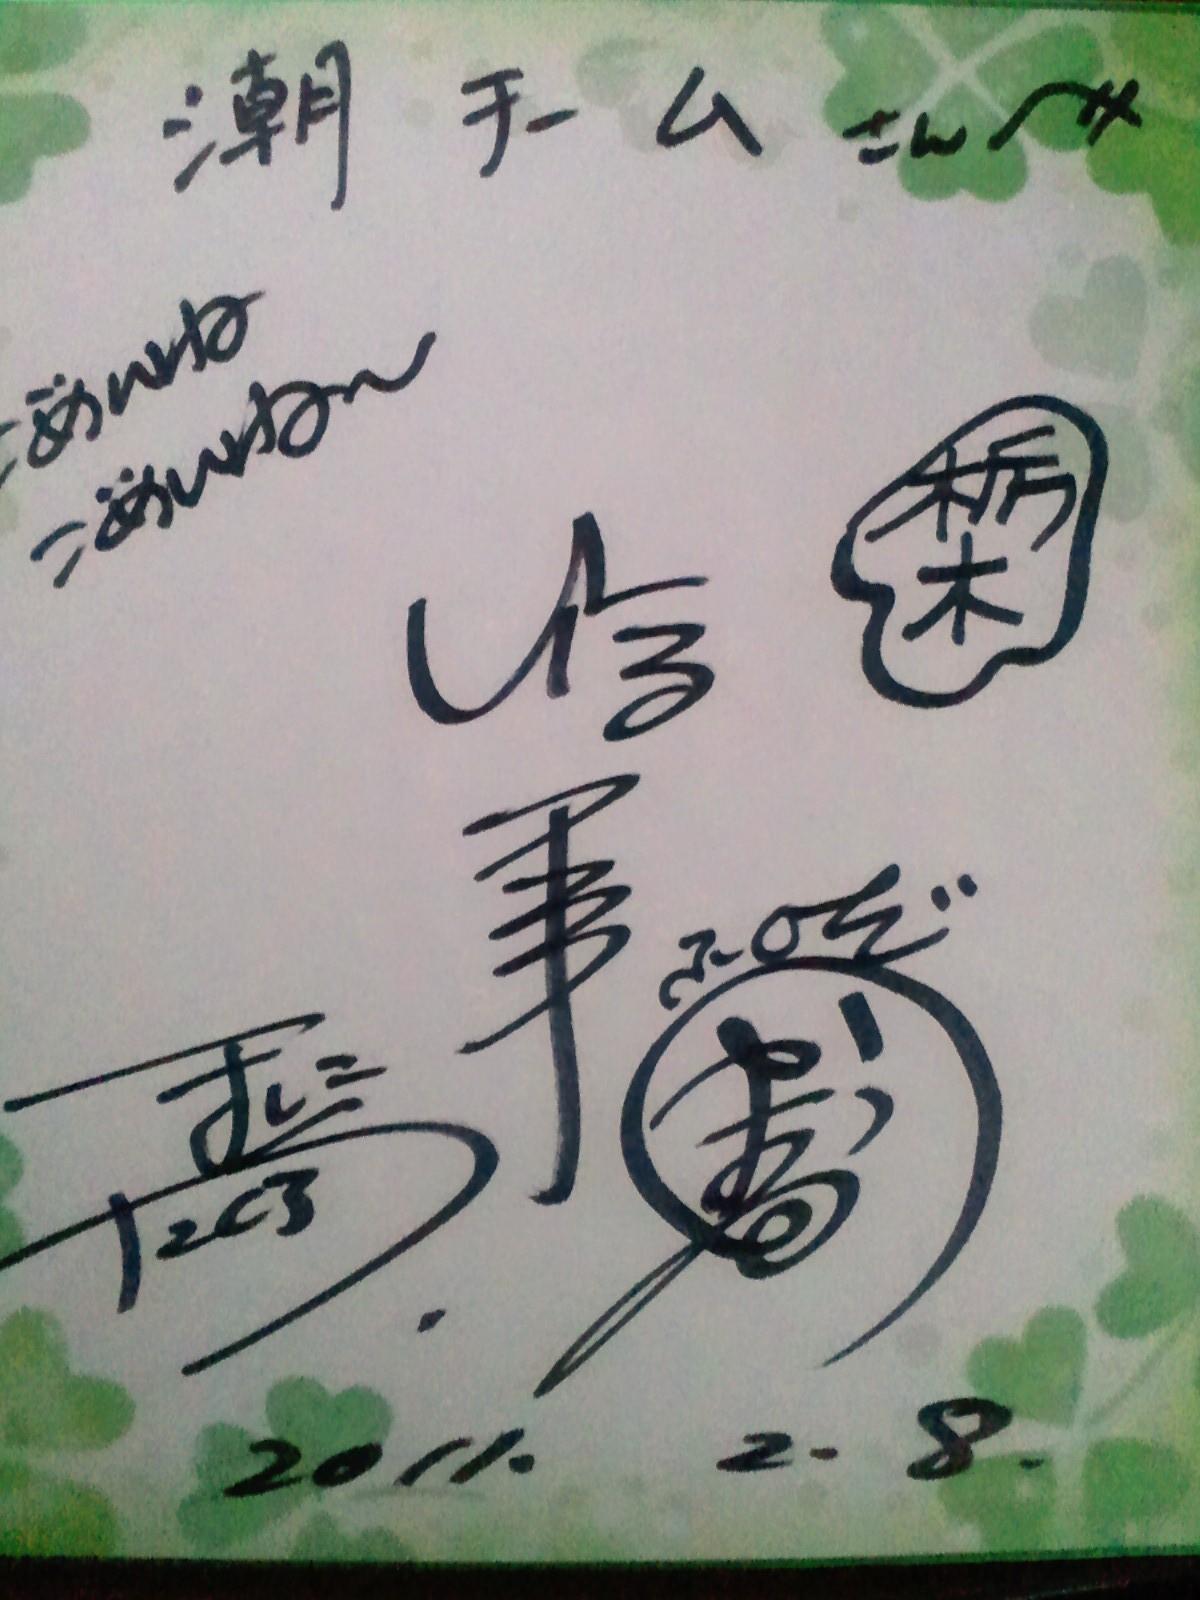 20110211_U字工事サイン